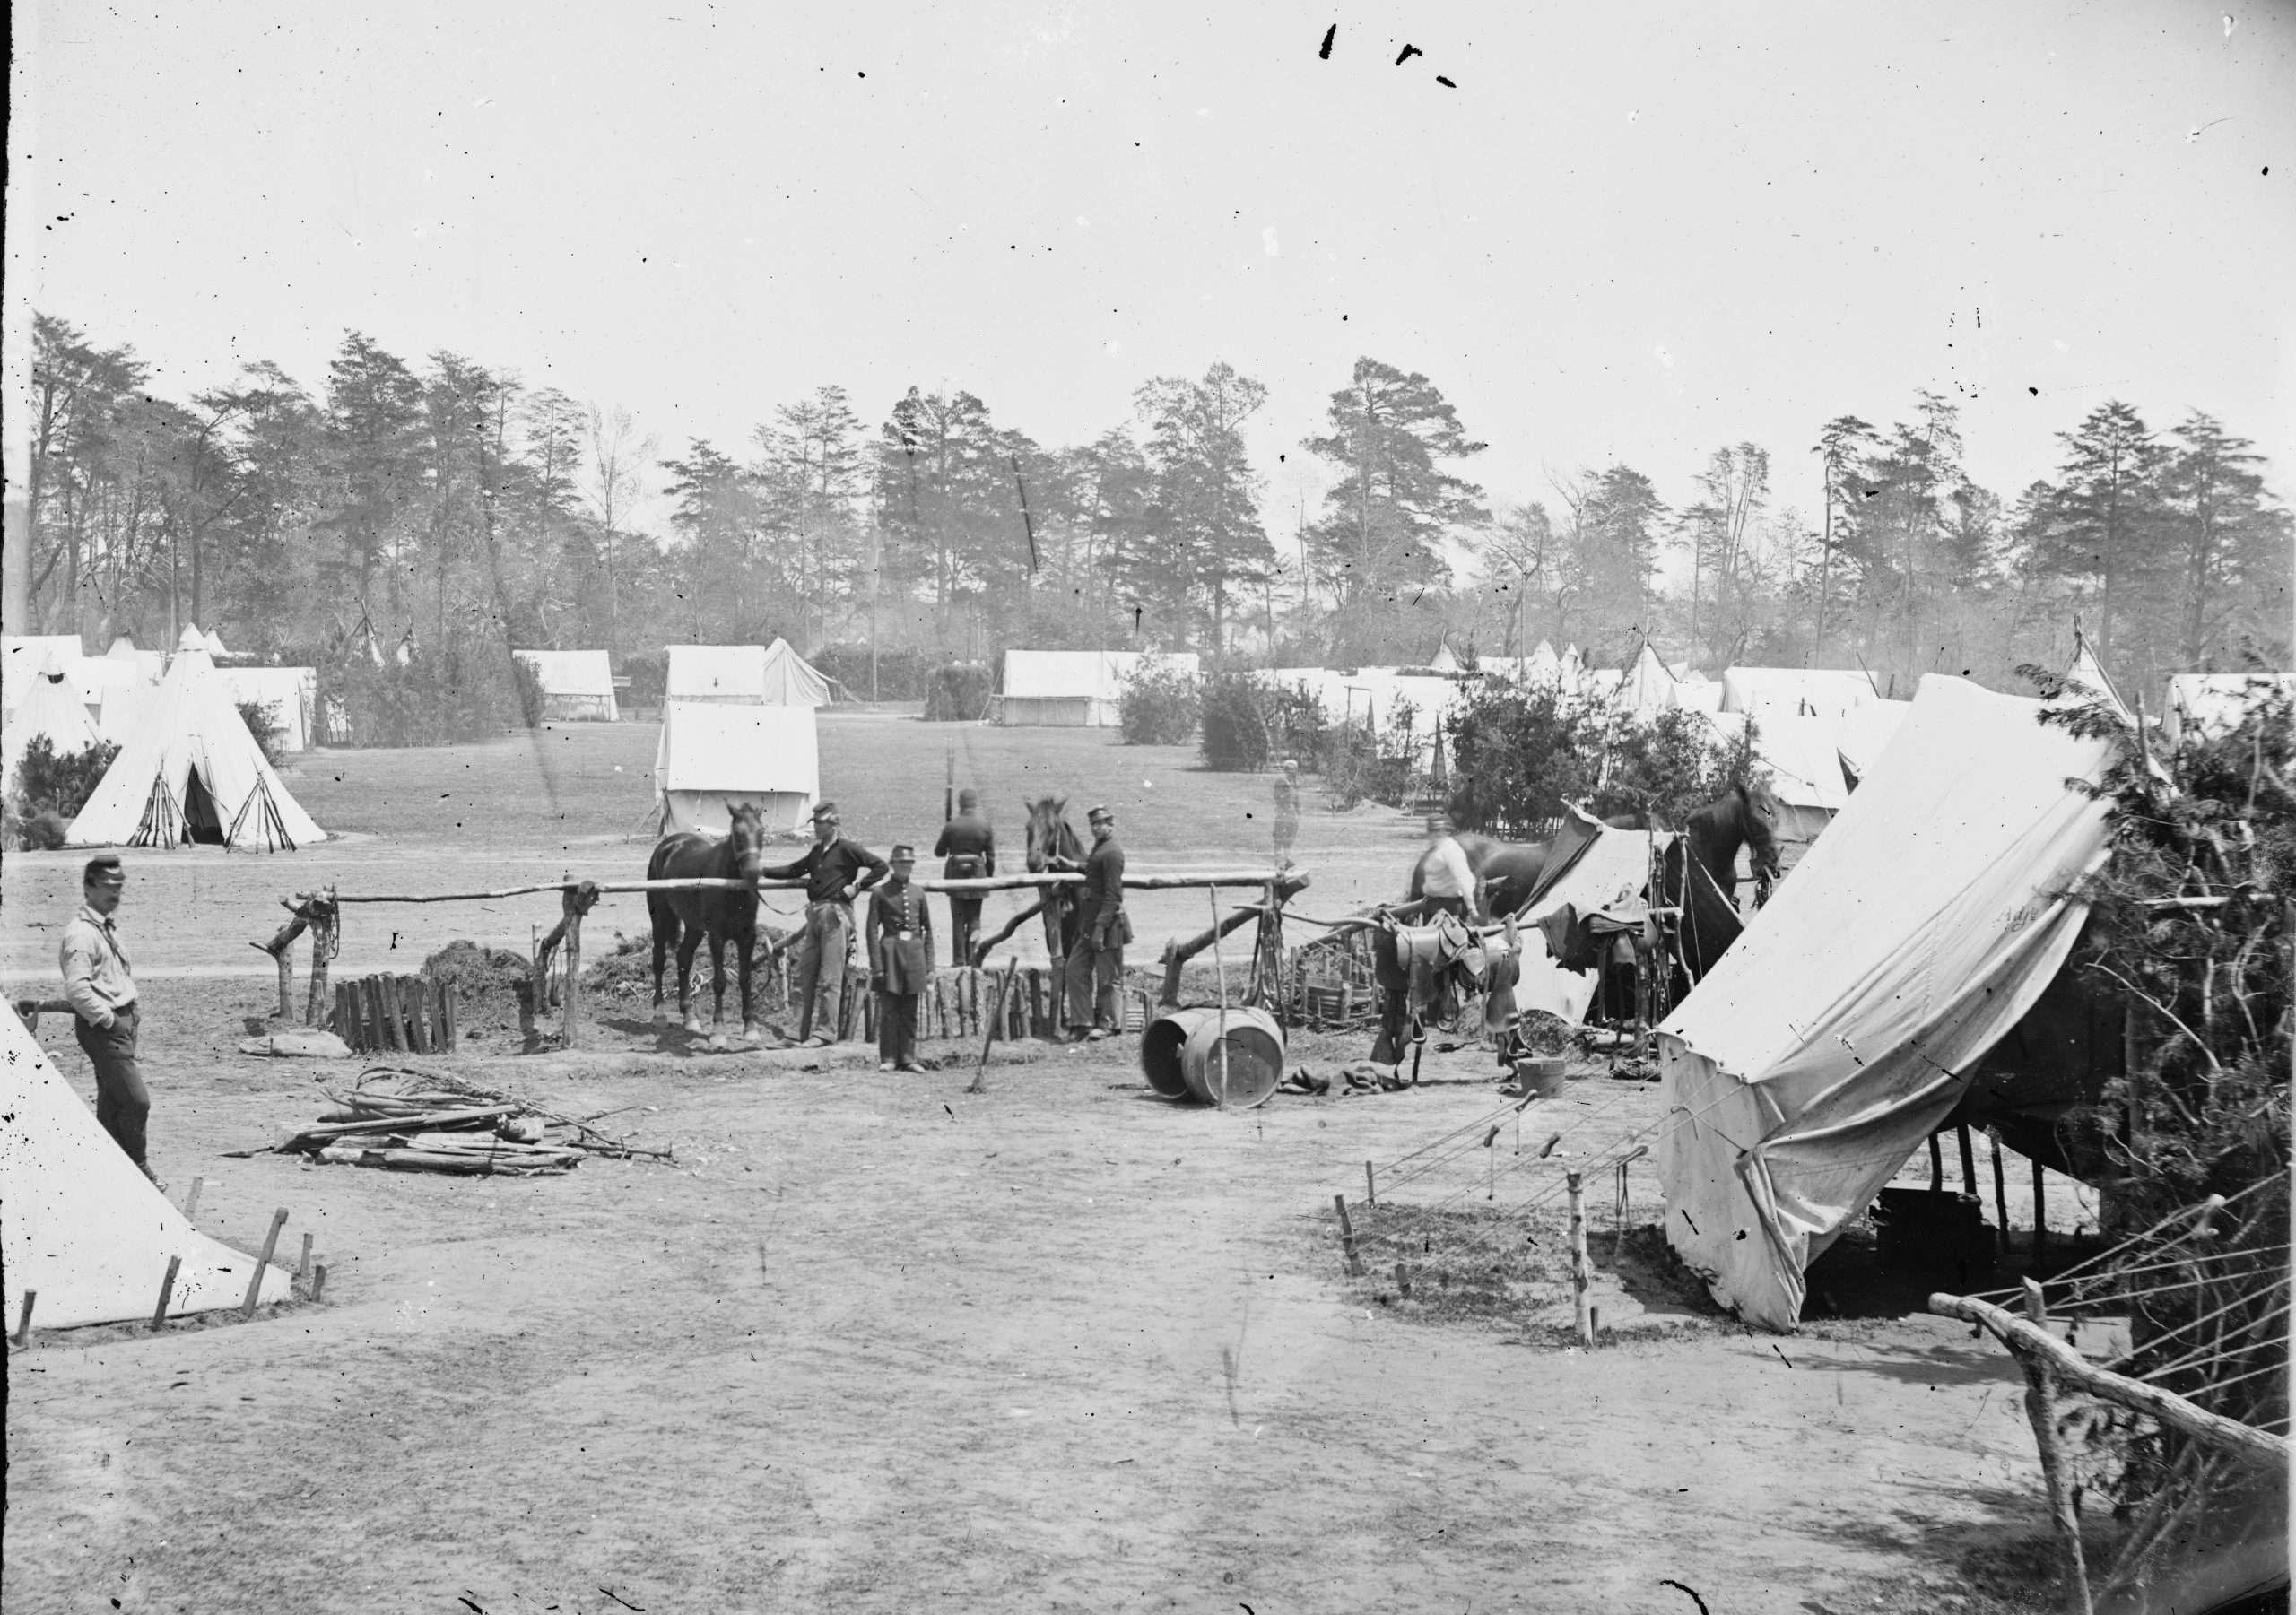 Camp Winfield Scott